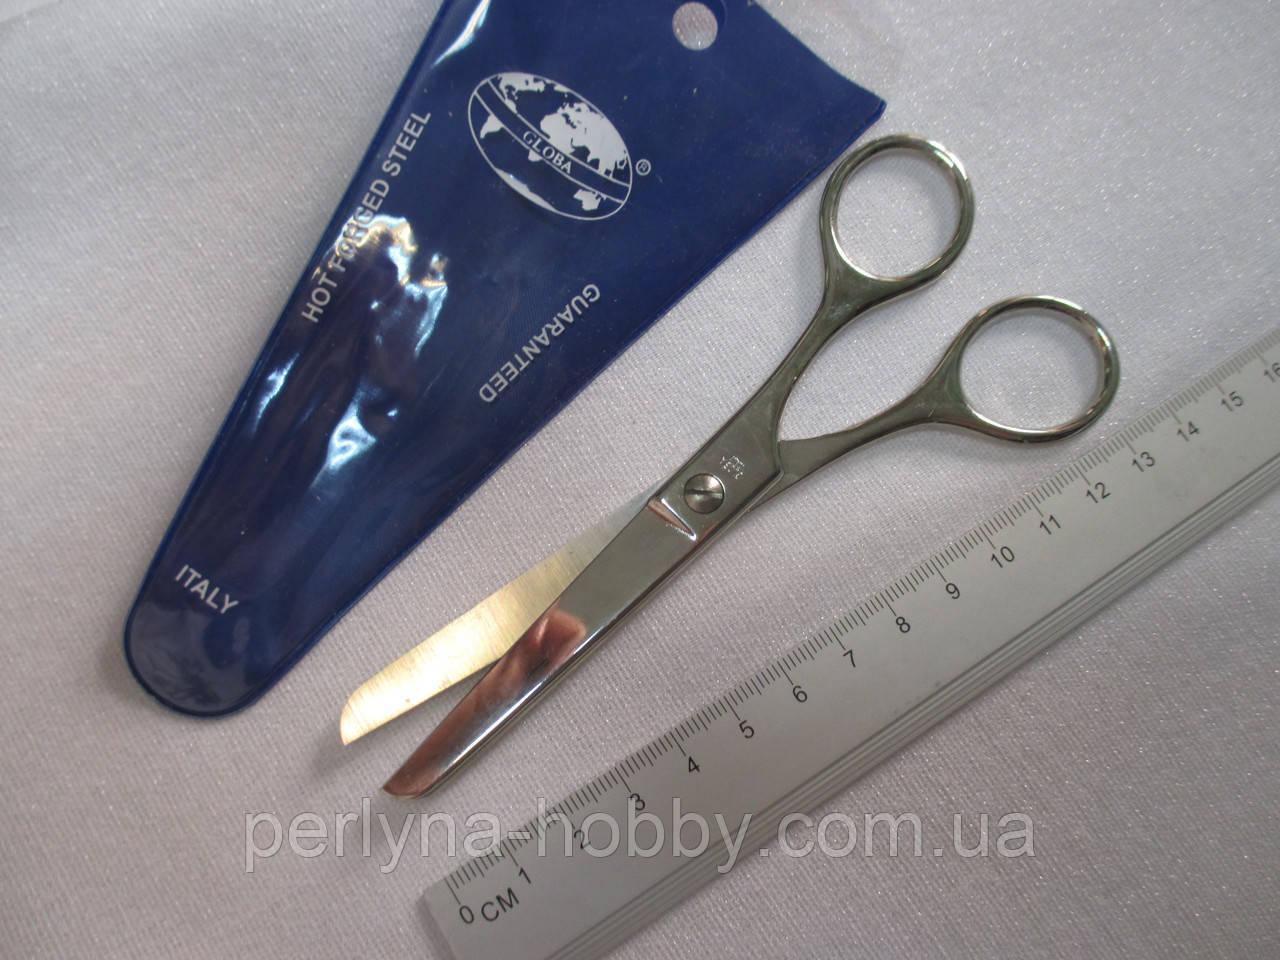 Ножиці  F 5 1/5. Італія Globa 14см